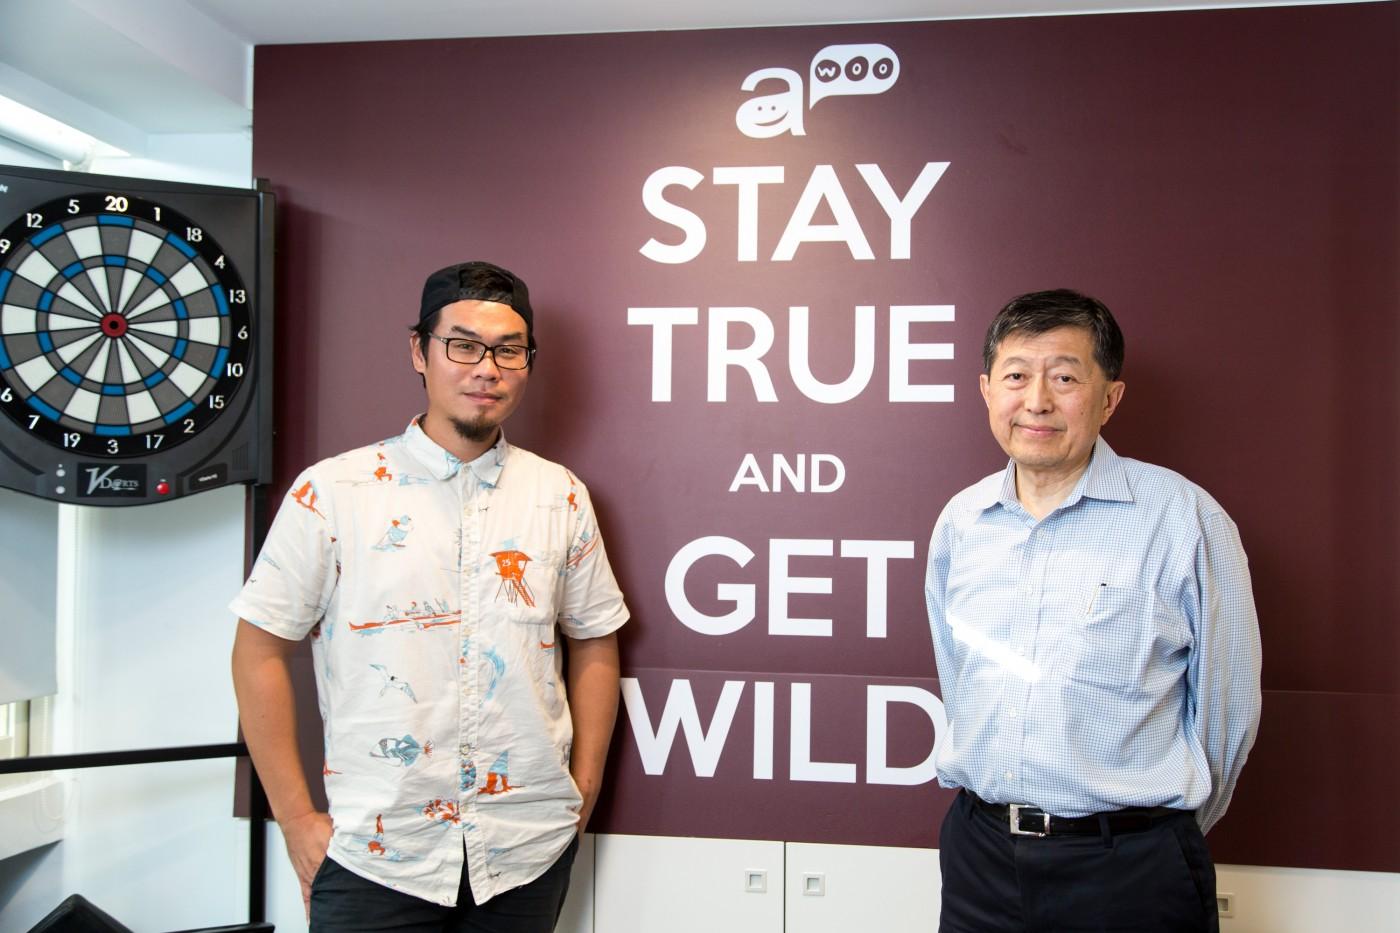 矽谷天使投資人助陣,SEO團隊阿物國際募資新台幣3千萬,目標帶台灣軟體攻日本市場